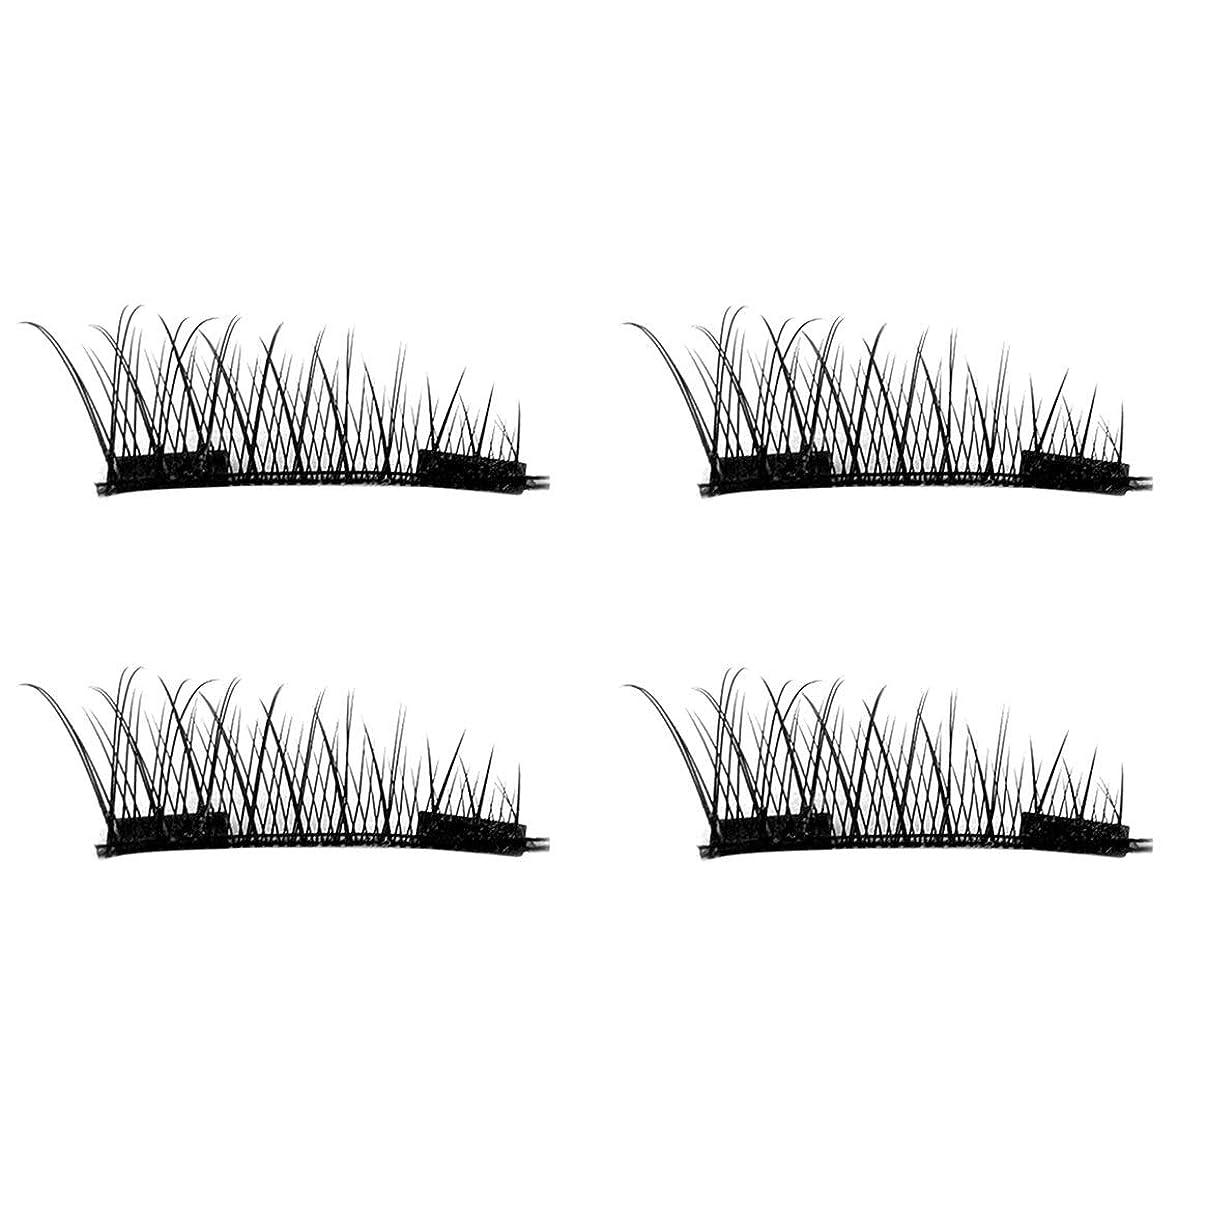 アトミック焦がす退却4PCS / 2ペアナチュラルシックアイラッシュグルーフリー3D磁気女性アイメイク美容シックロングロングアイラッシュ-ブラックダブルマグネット